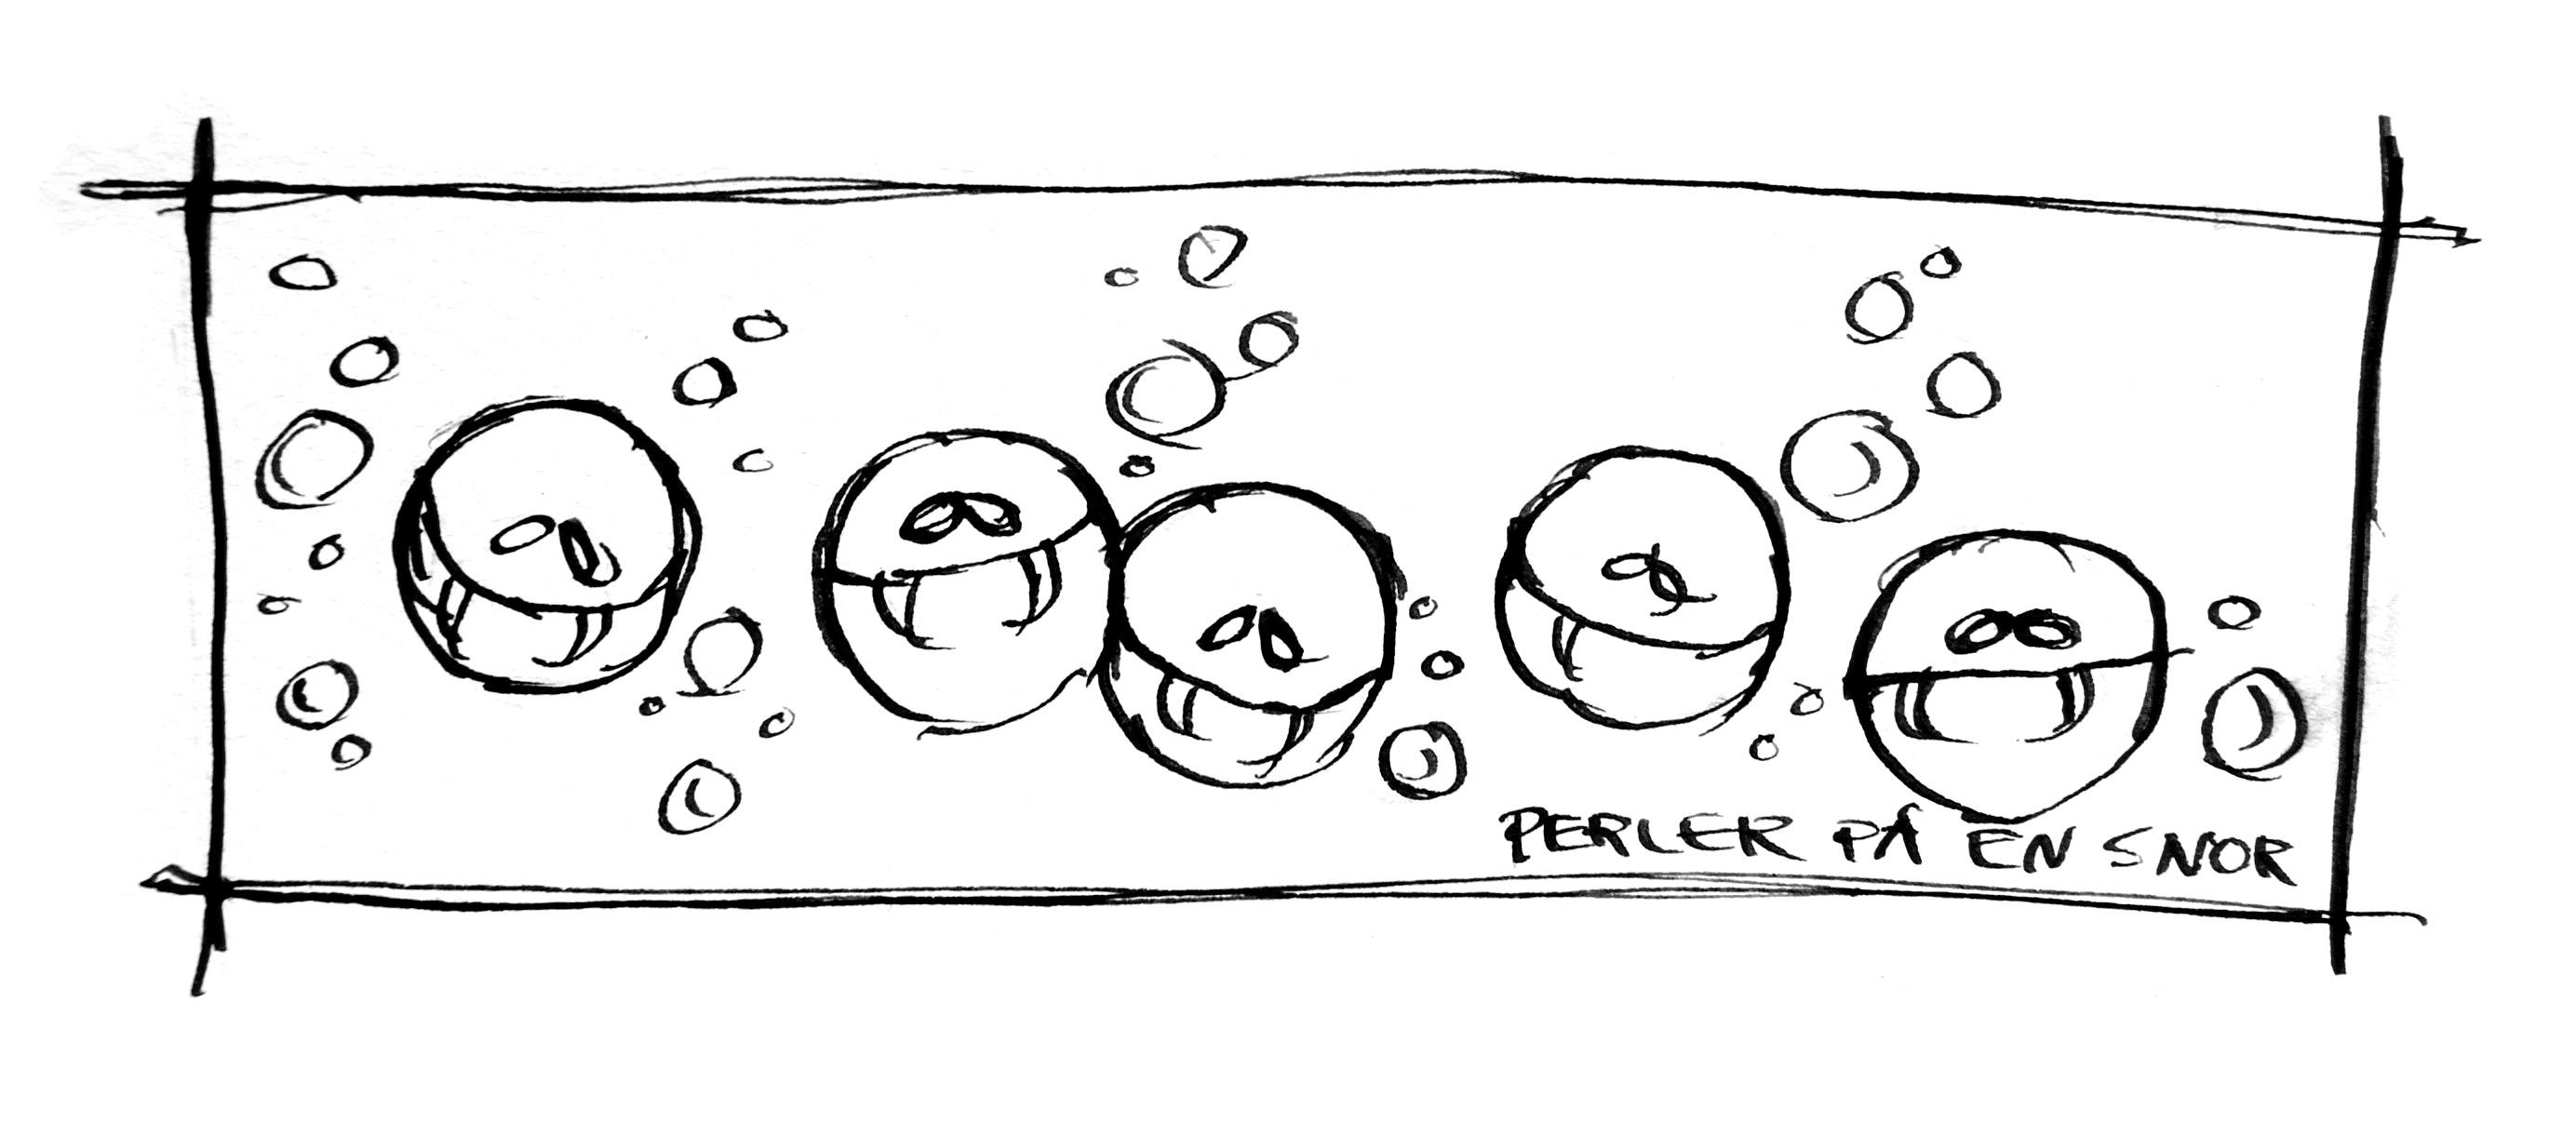 Perler på en snor